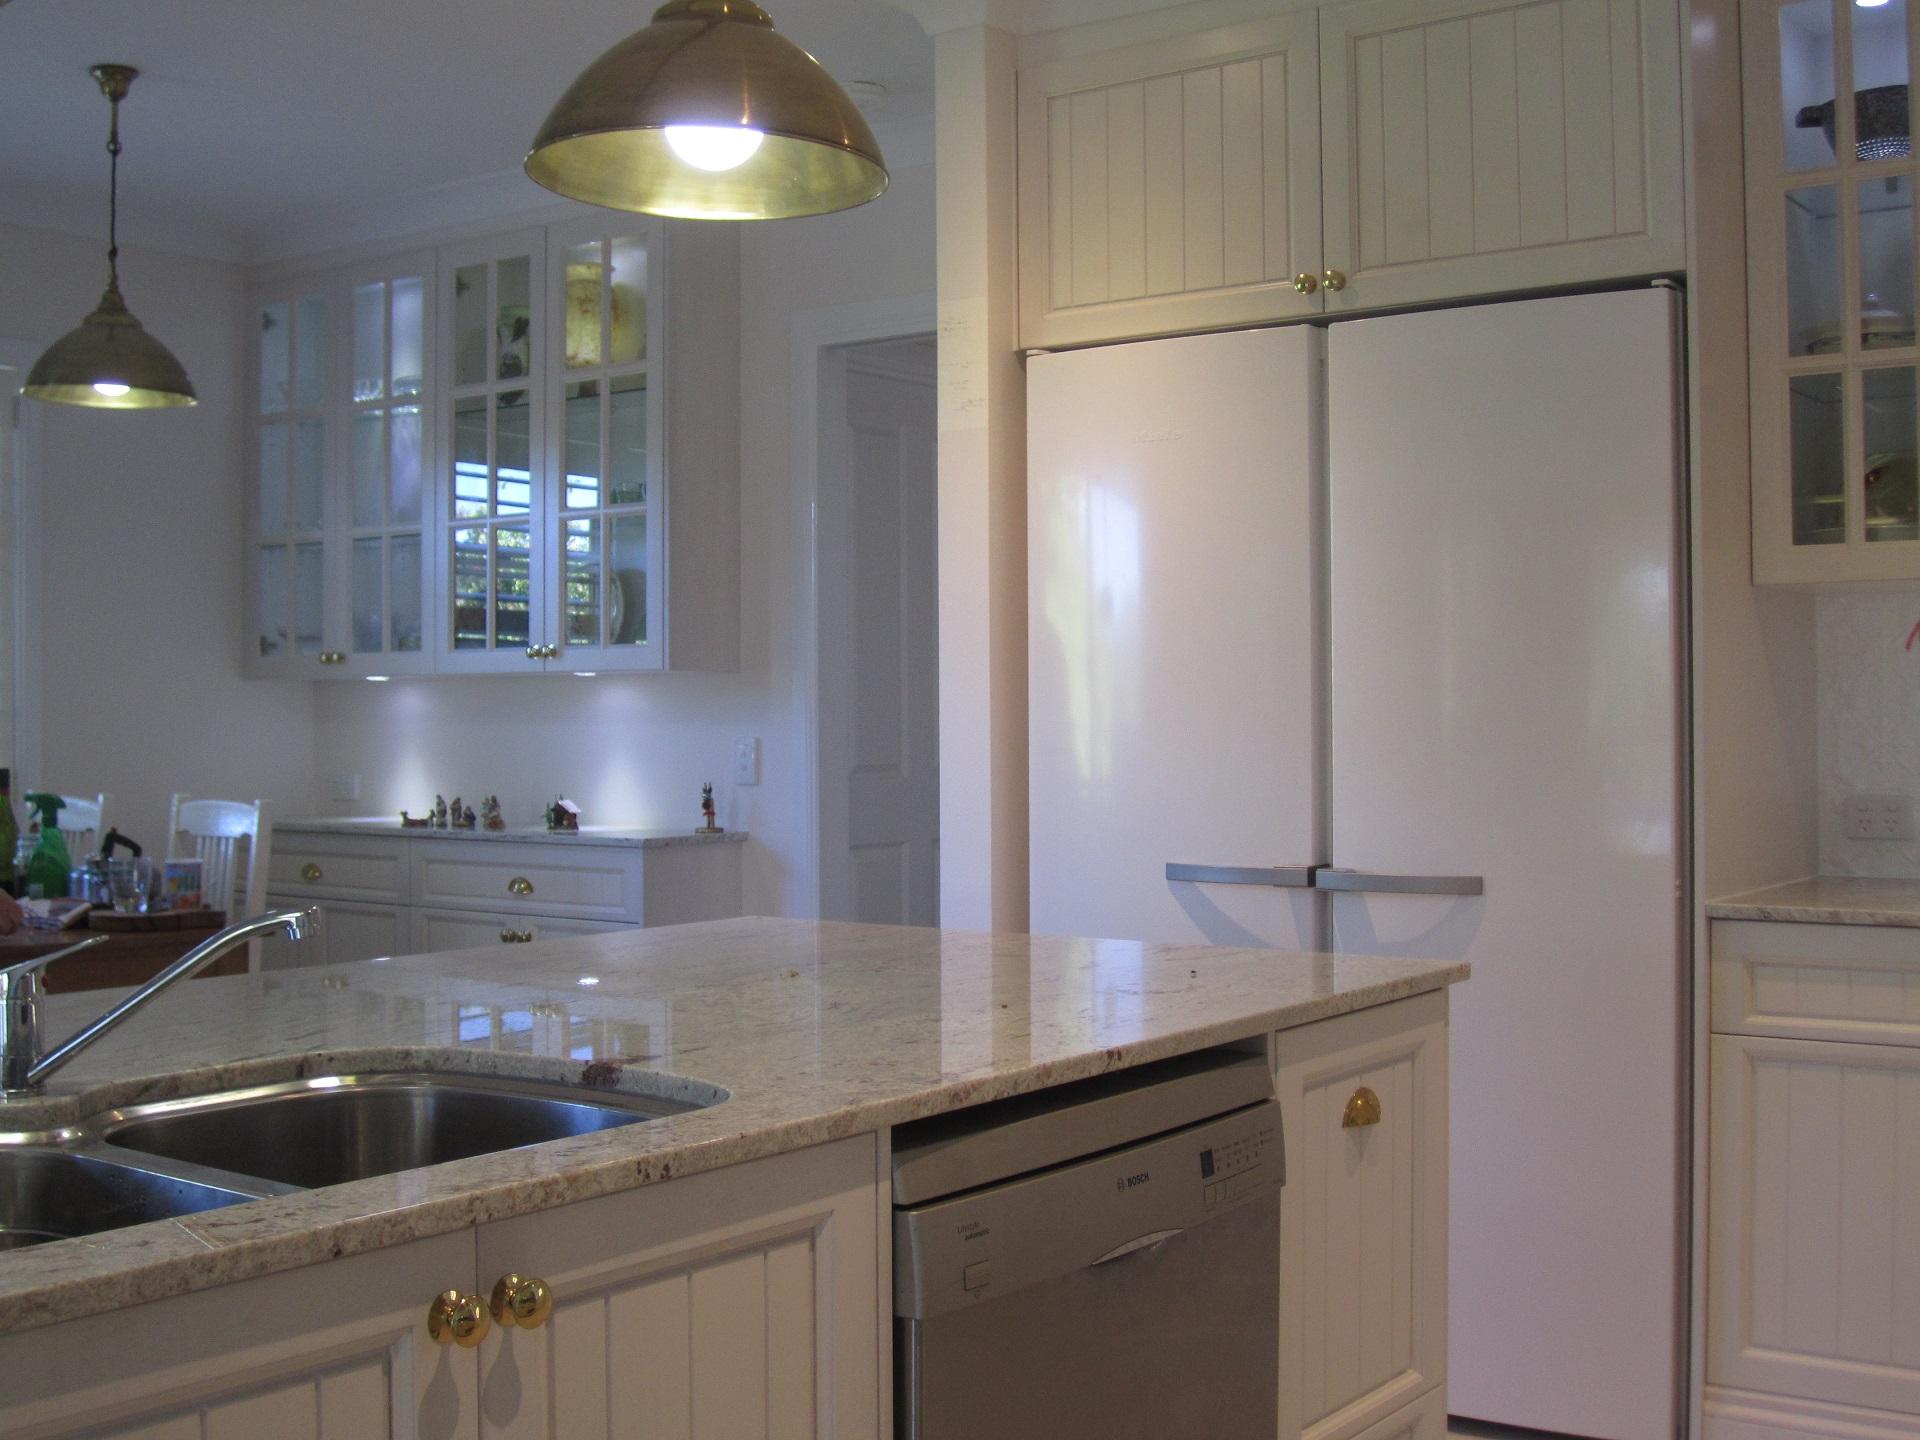 brisbane-kitchen-design-brookfield-shaker-vj-traditional-kitchen4